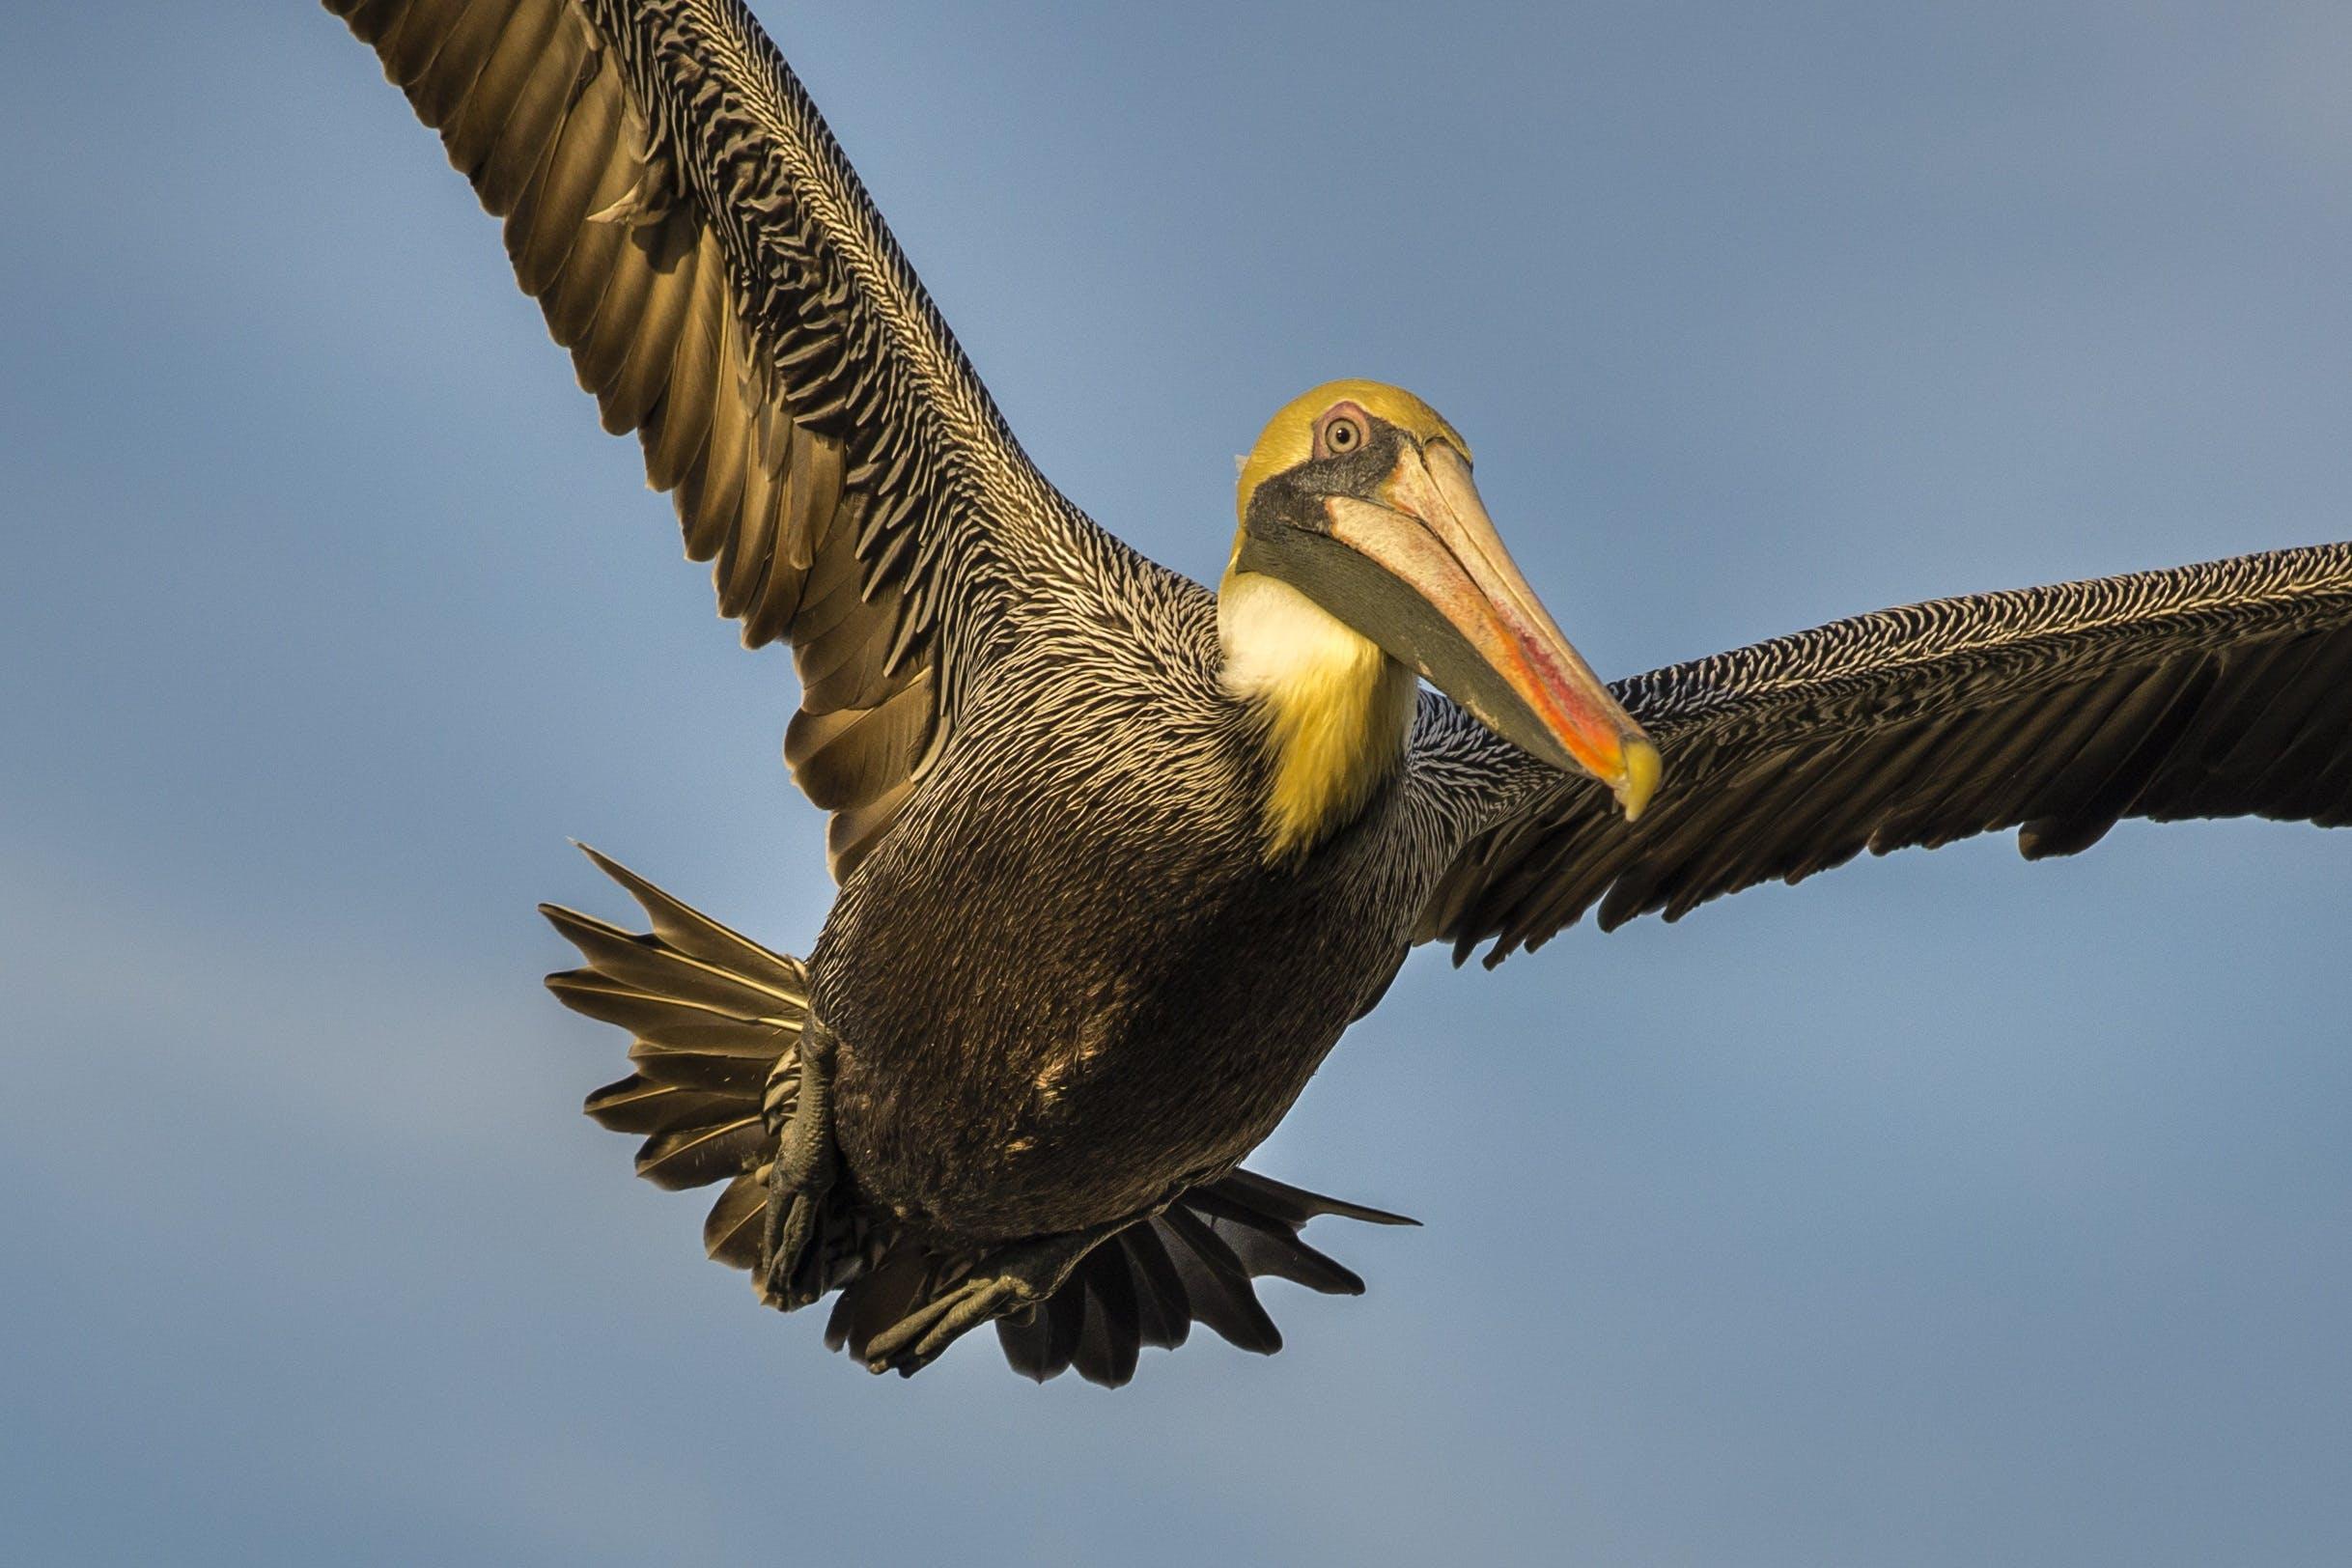 Free stock photo of nature, bird, pelican, beak